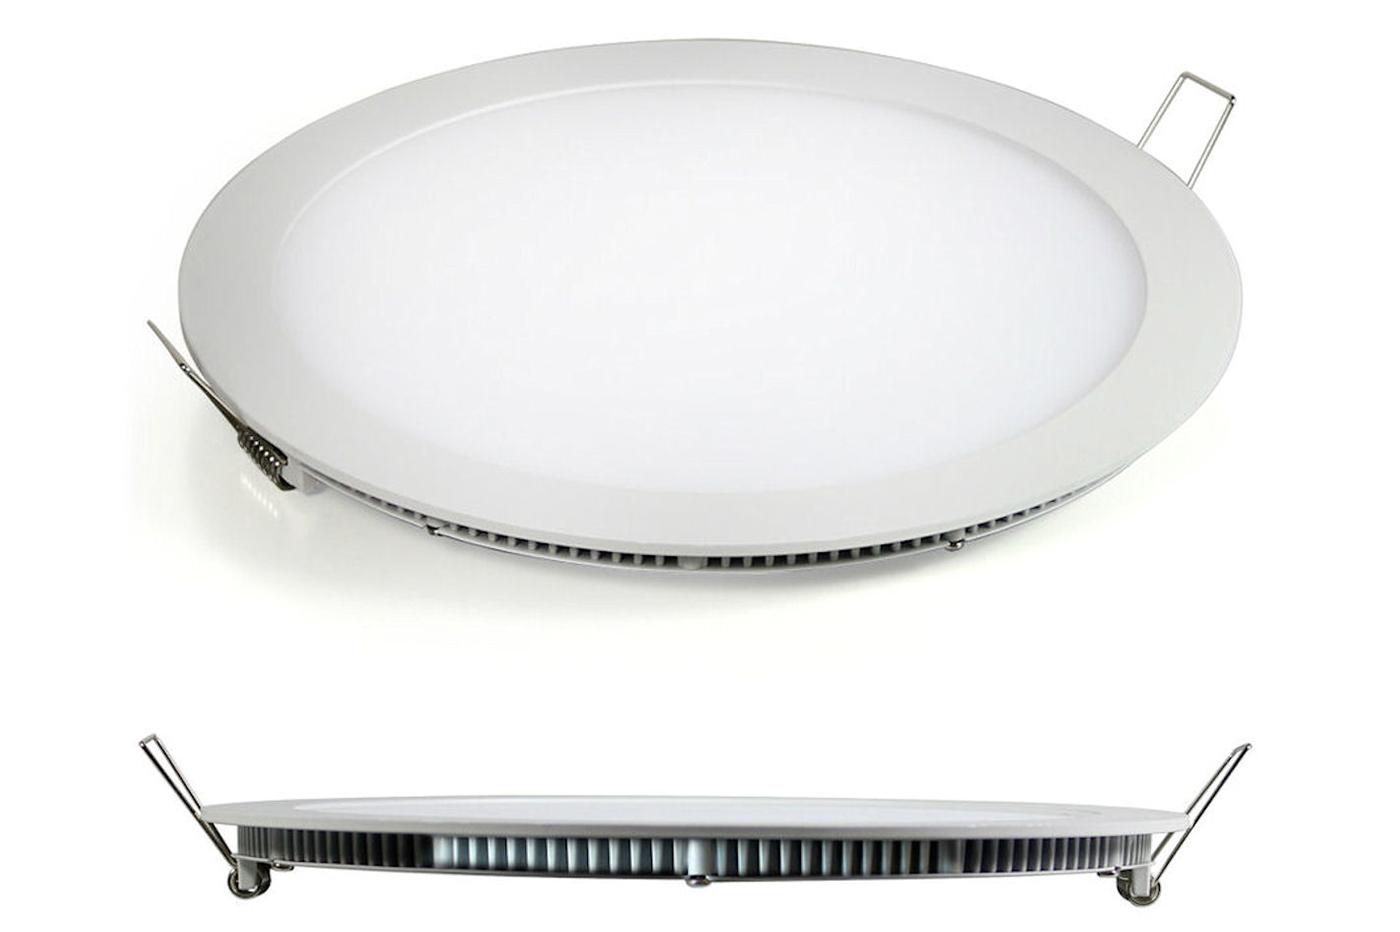 Plafoniera Led Incasso 24w : Bes pannelli beselettronica faretto led w watt luce